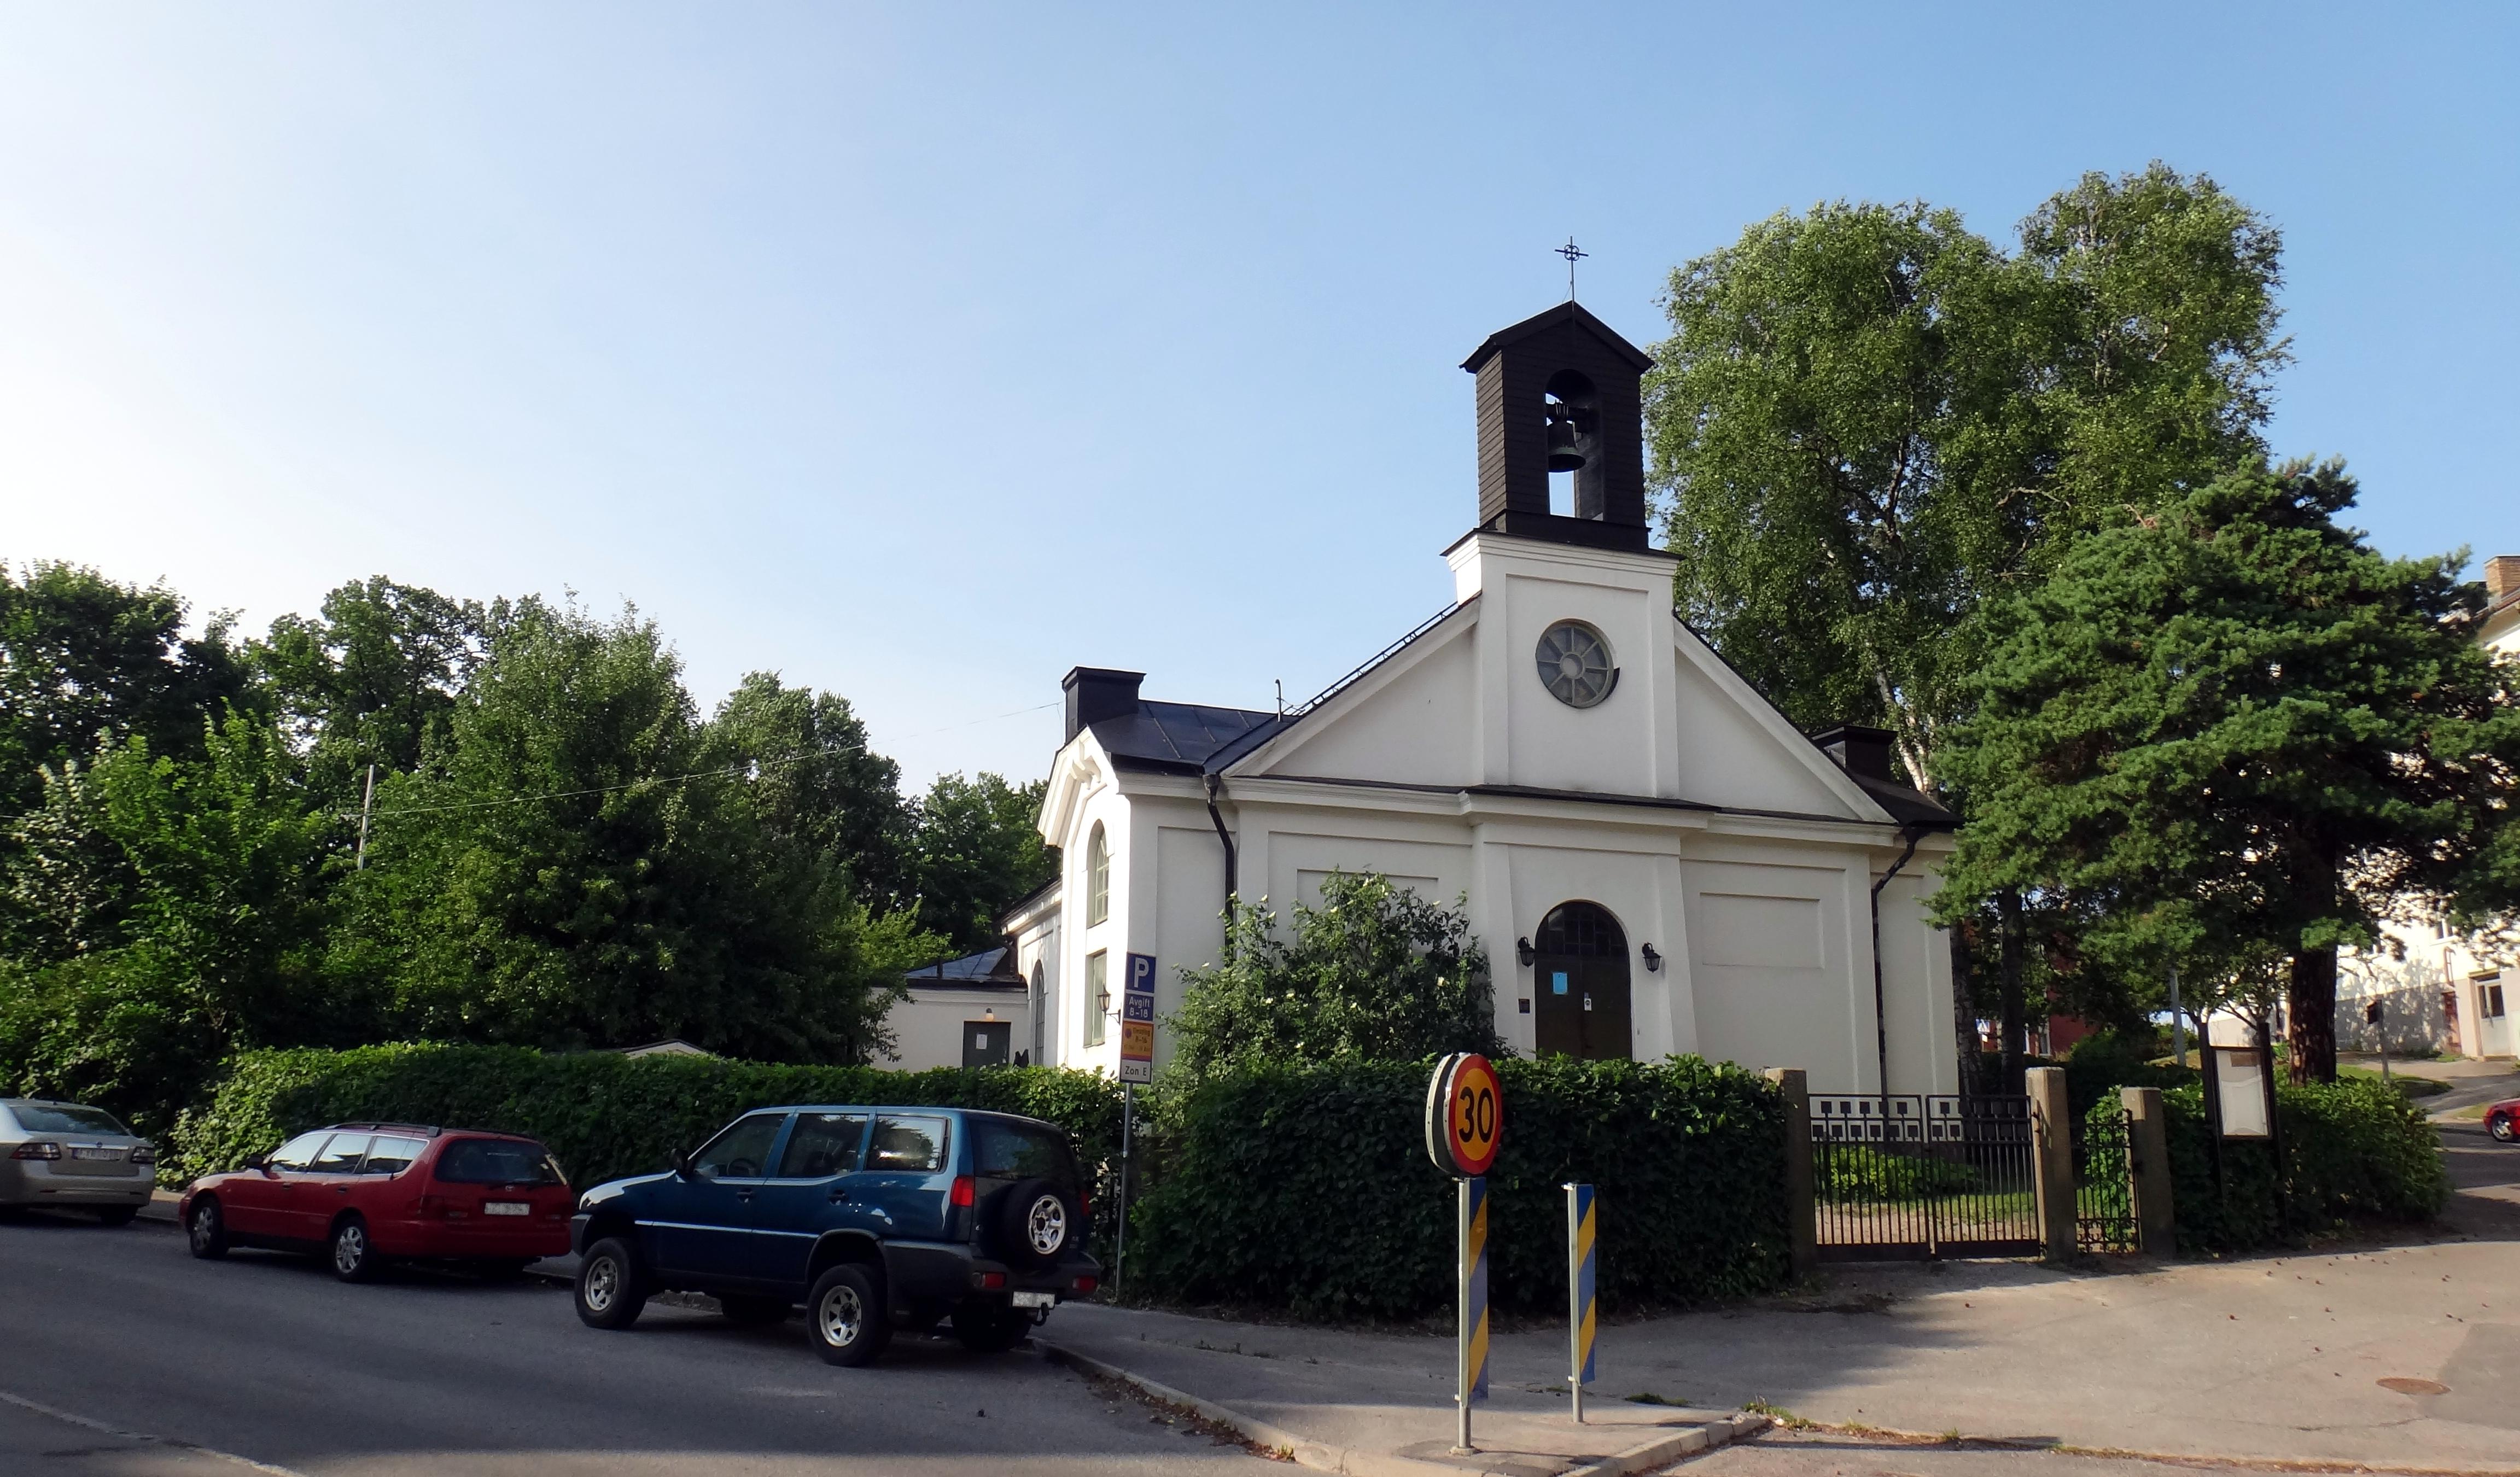 Alby kulle - Botkyrka kommun